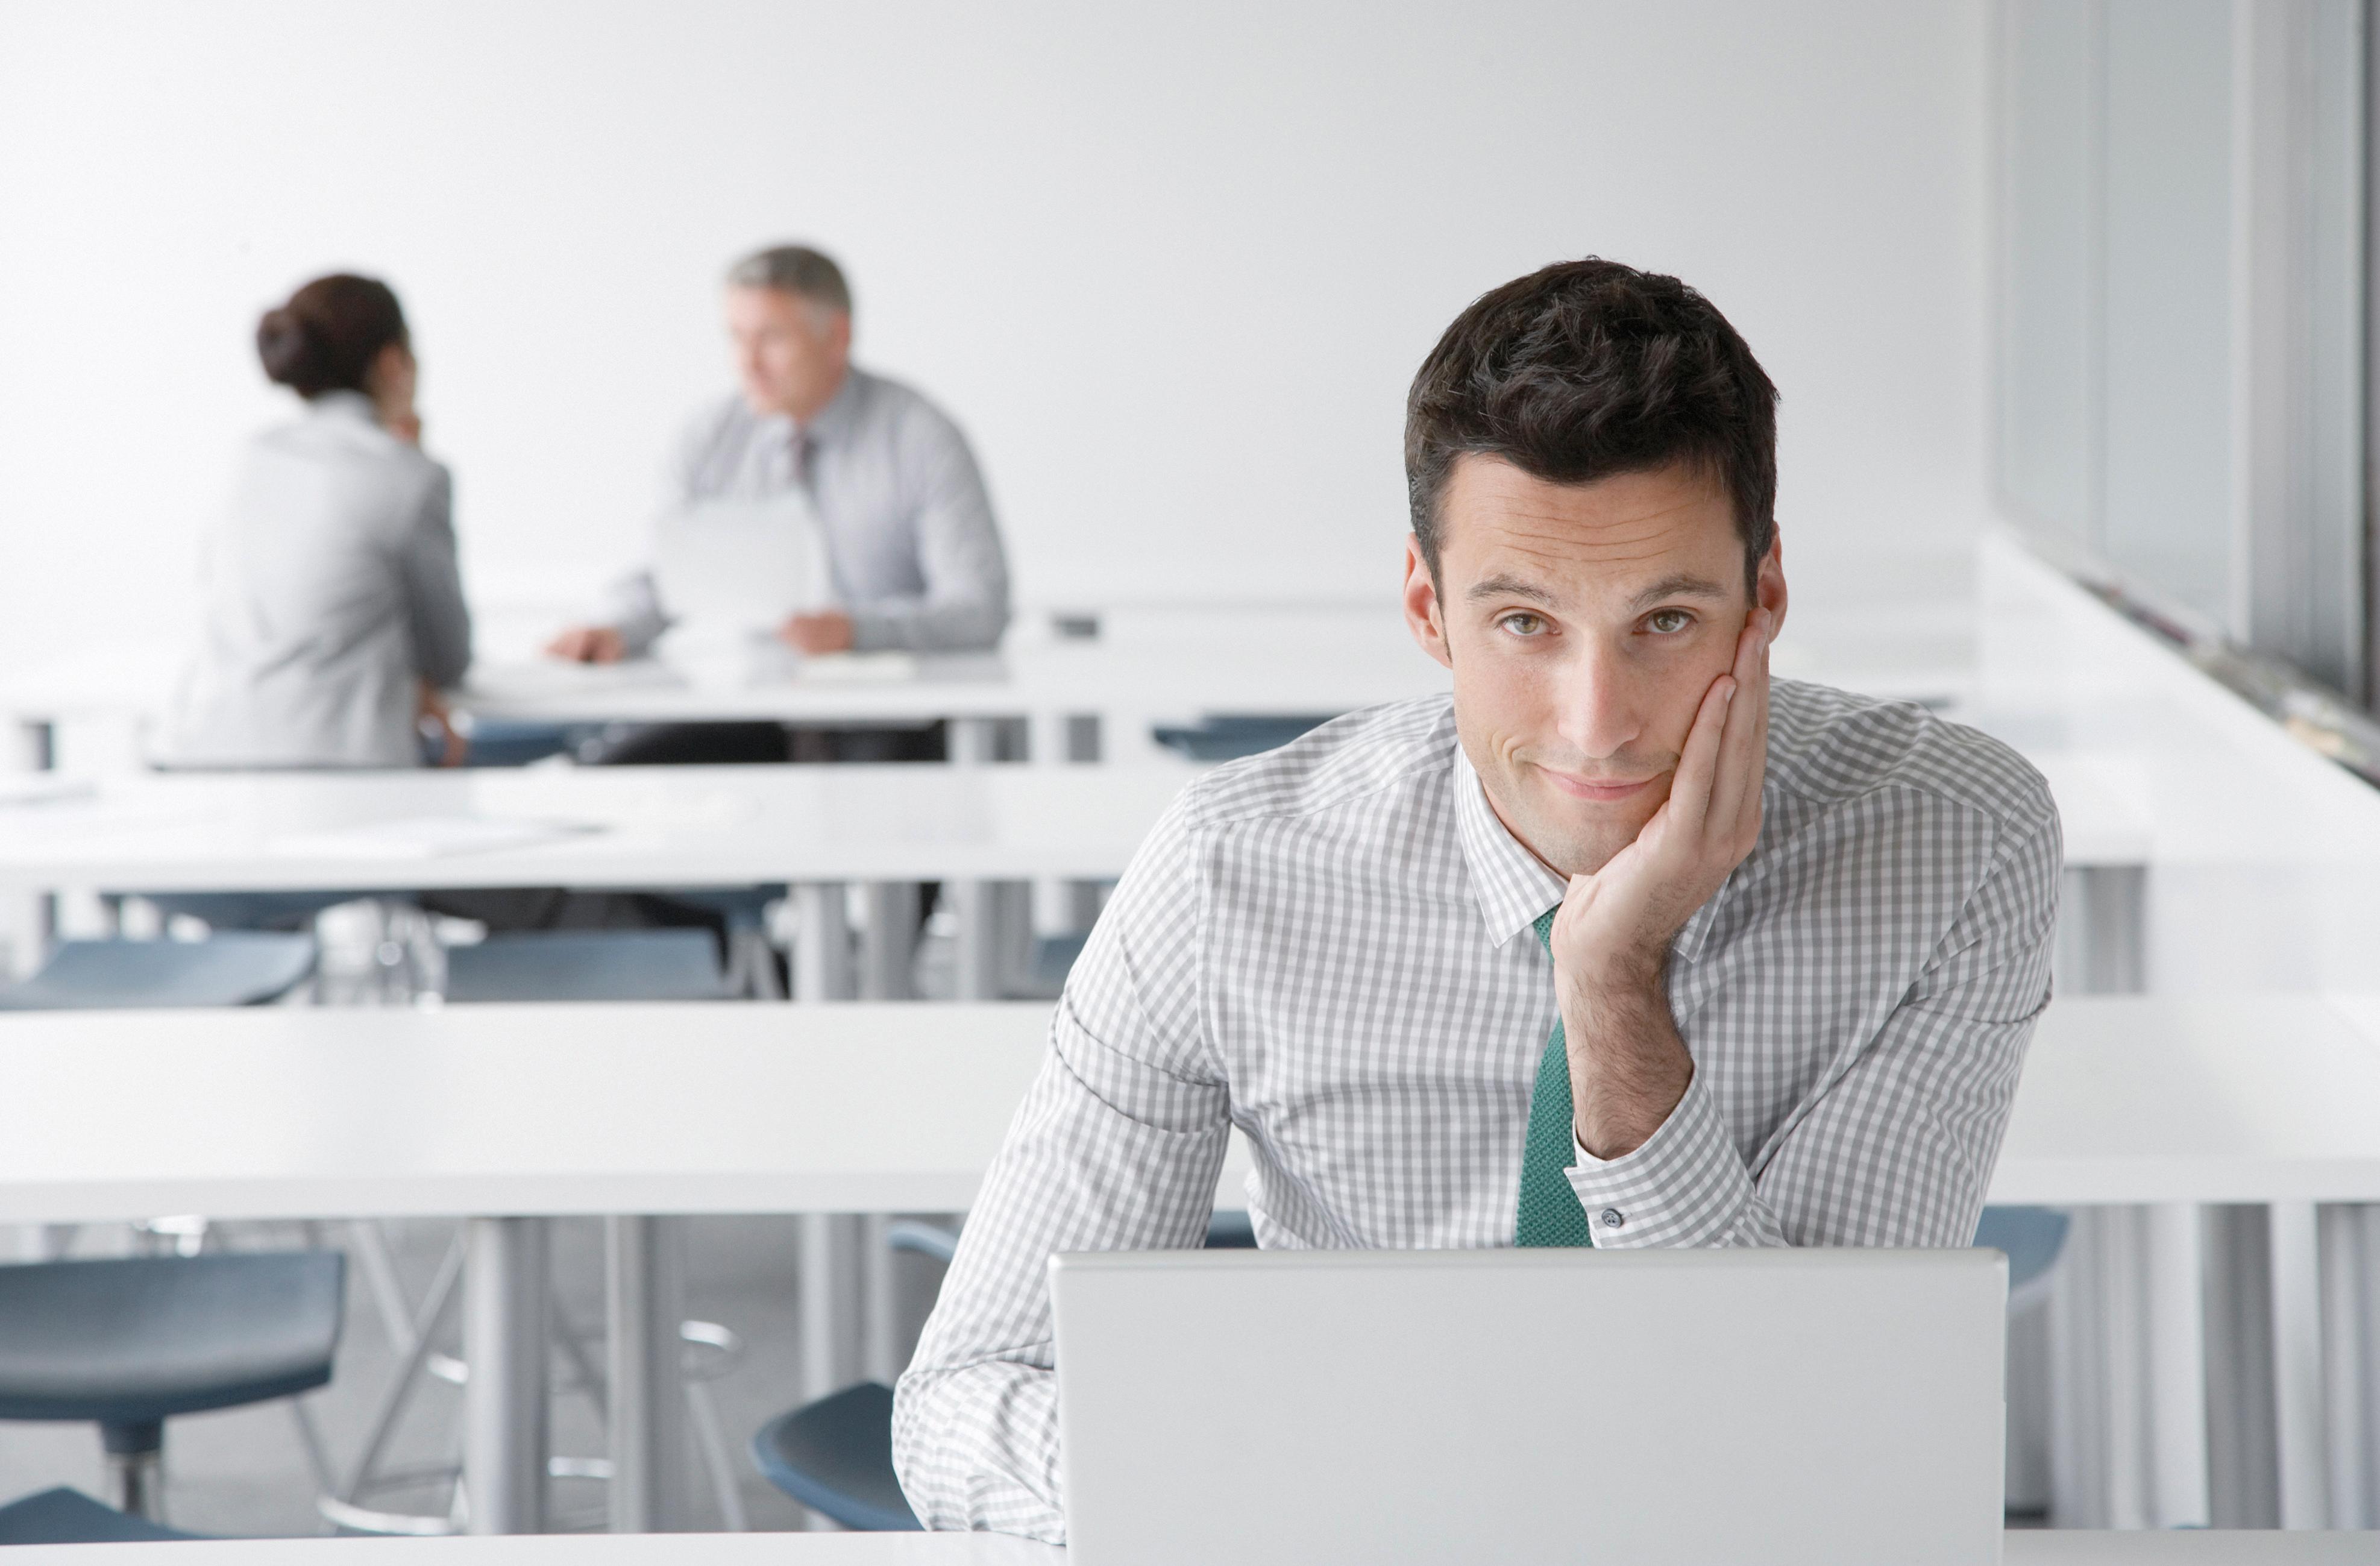 U prvom planu muškarac za prijenosnim računalom u uredu u open space prostoriji, u drugom planu muškarac i žena na sastanku